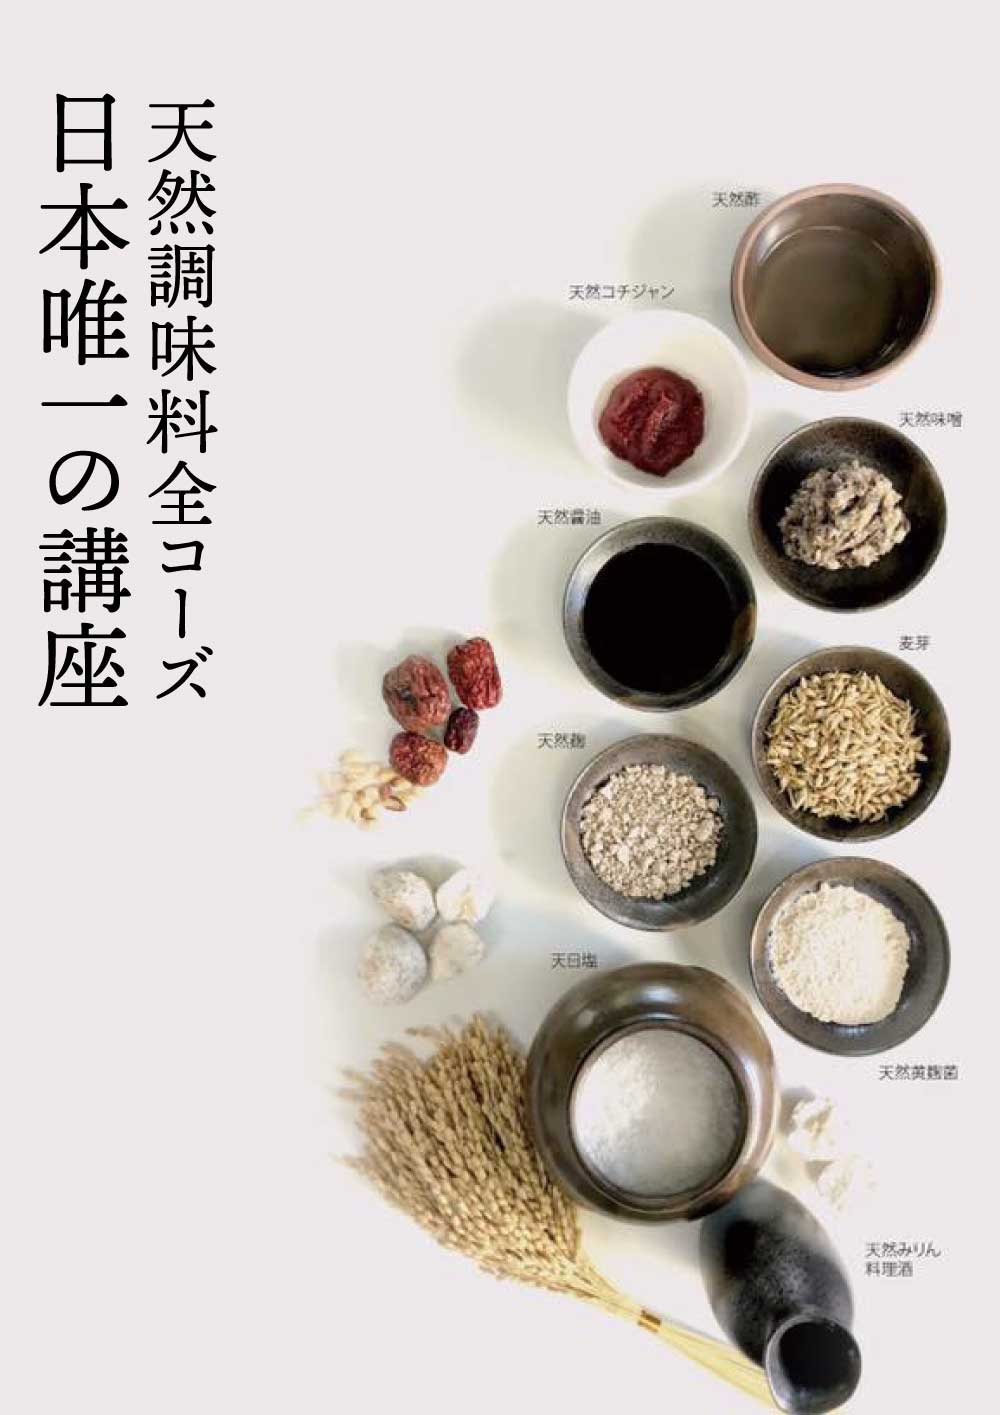 手作り調味料講座